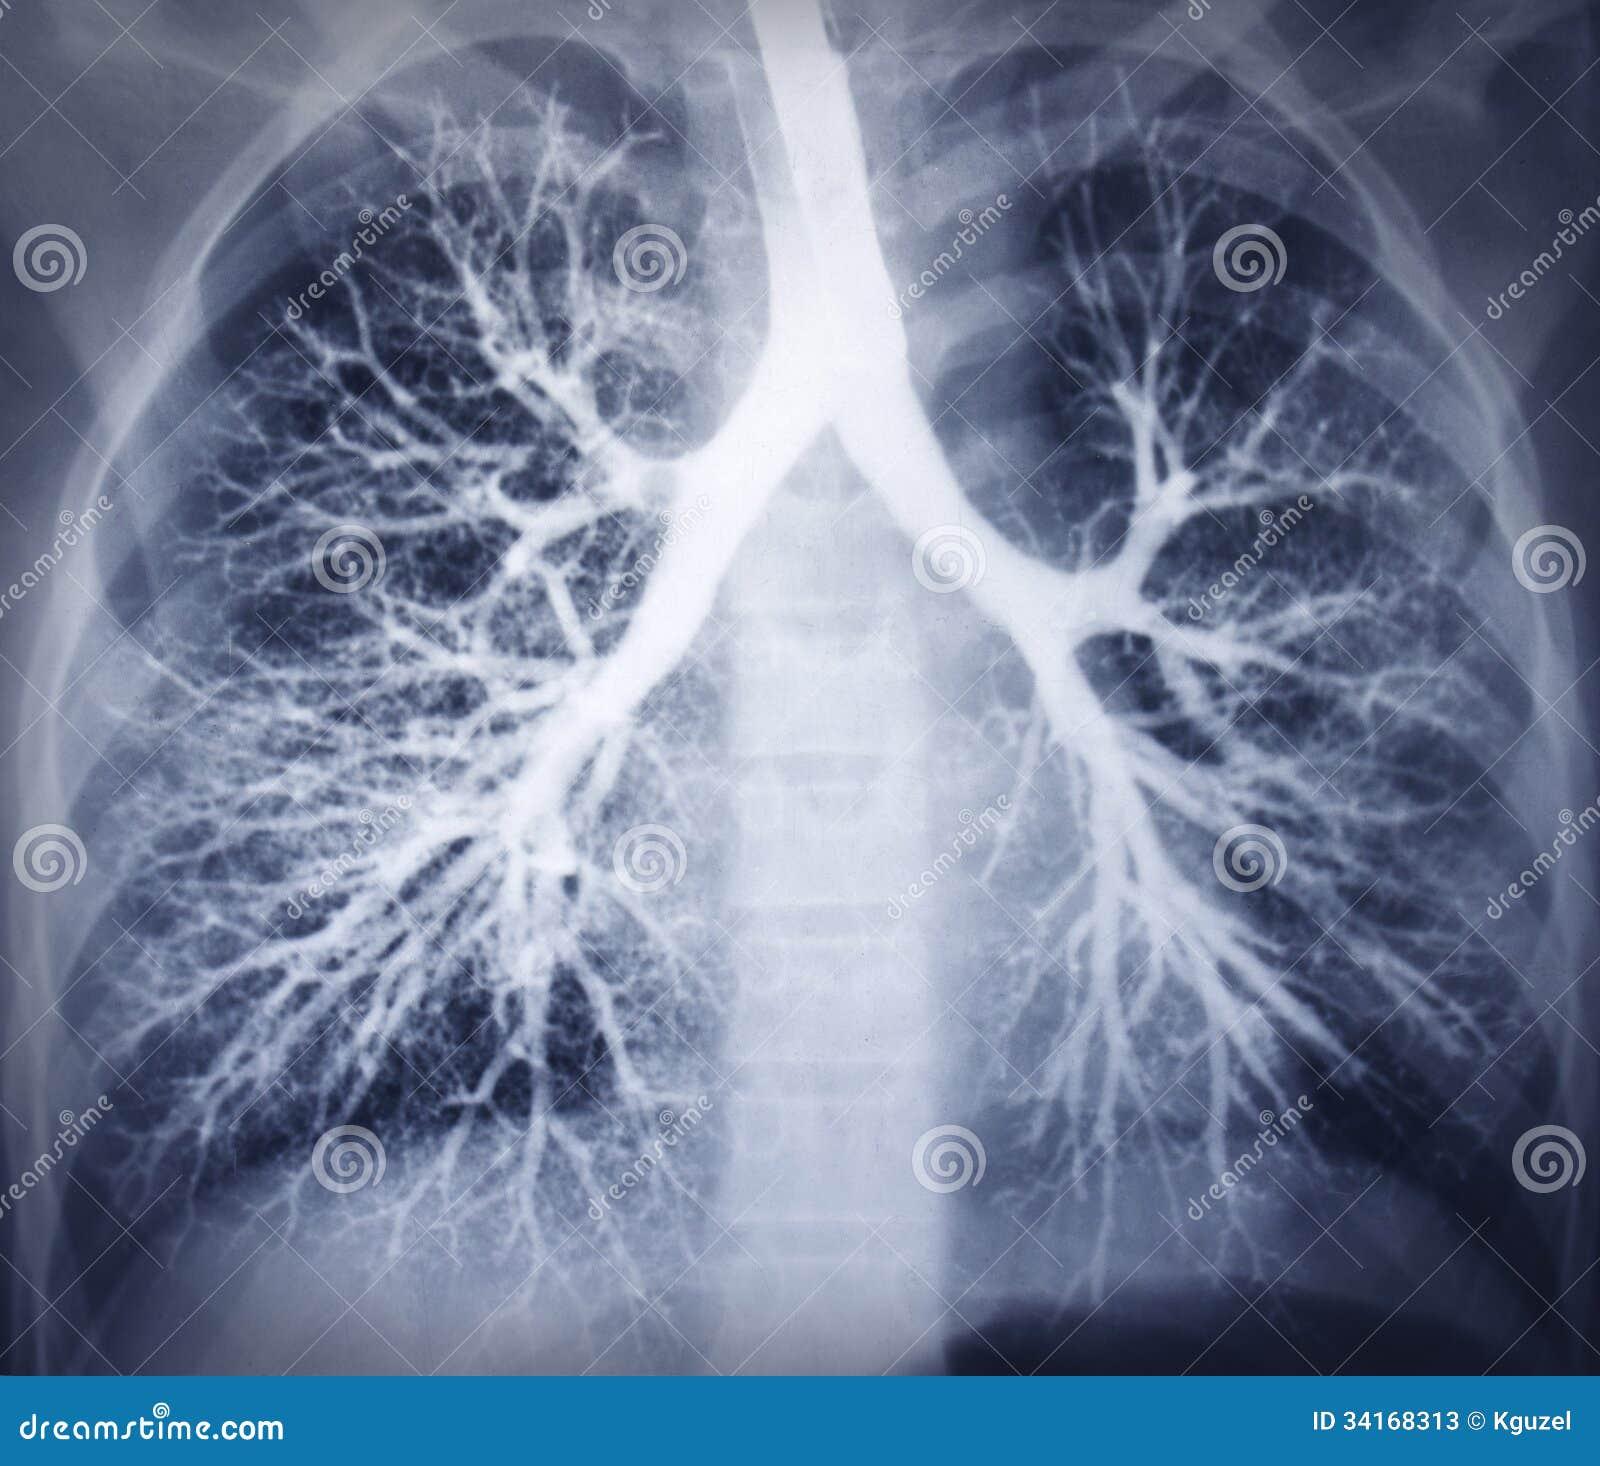 Image de Bronchoscopy. Radiographie de la poitrine. Poumons sains